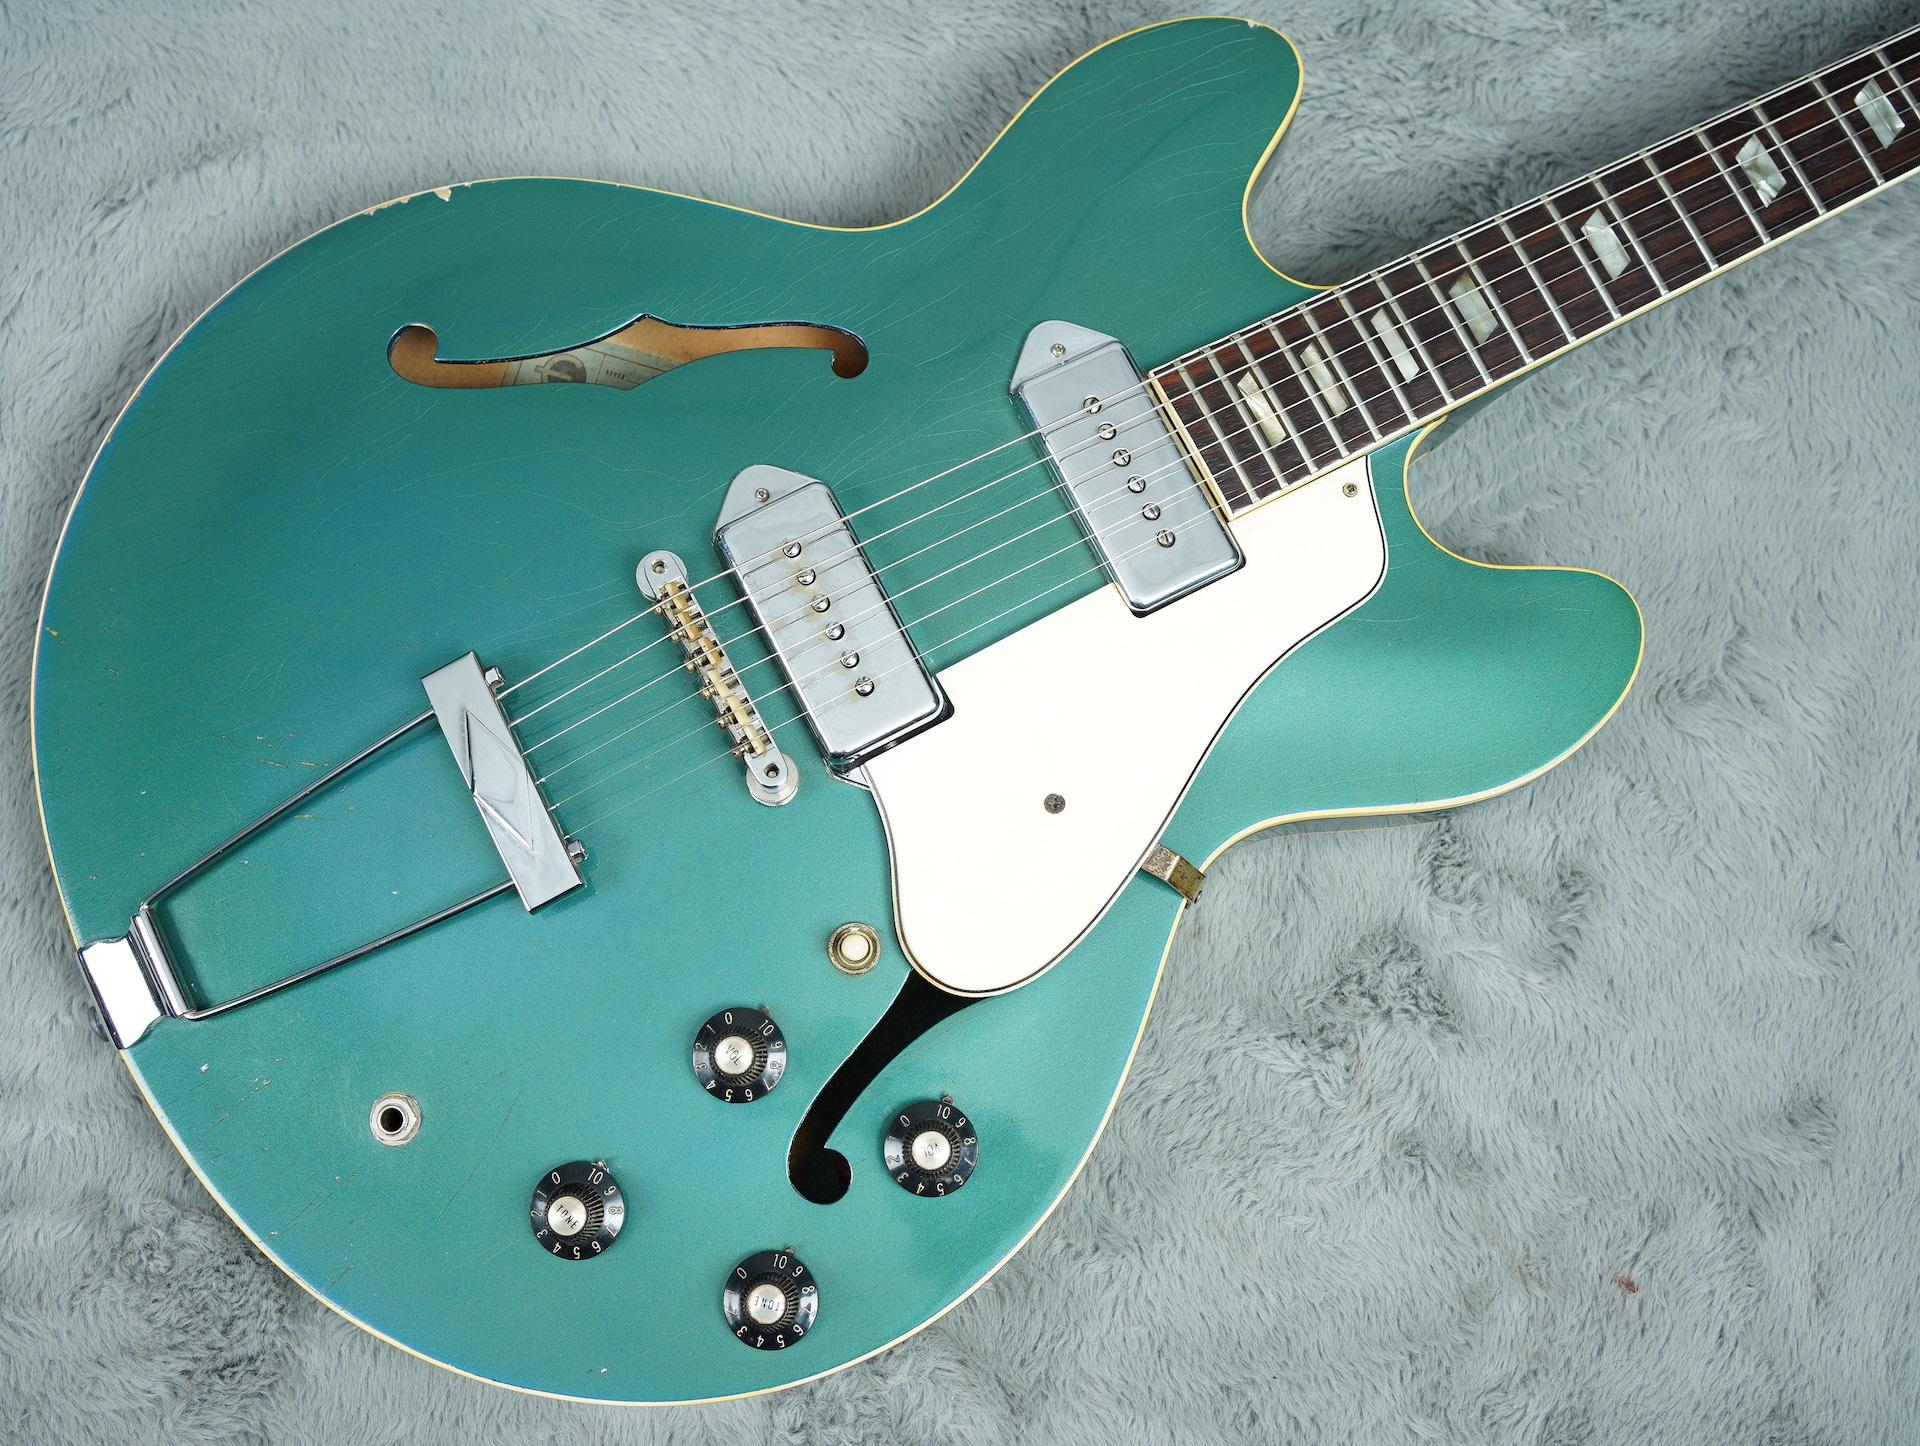 1967 Epiphone Casino Pelham Blue + OHSC - Pretty Rare!